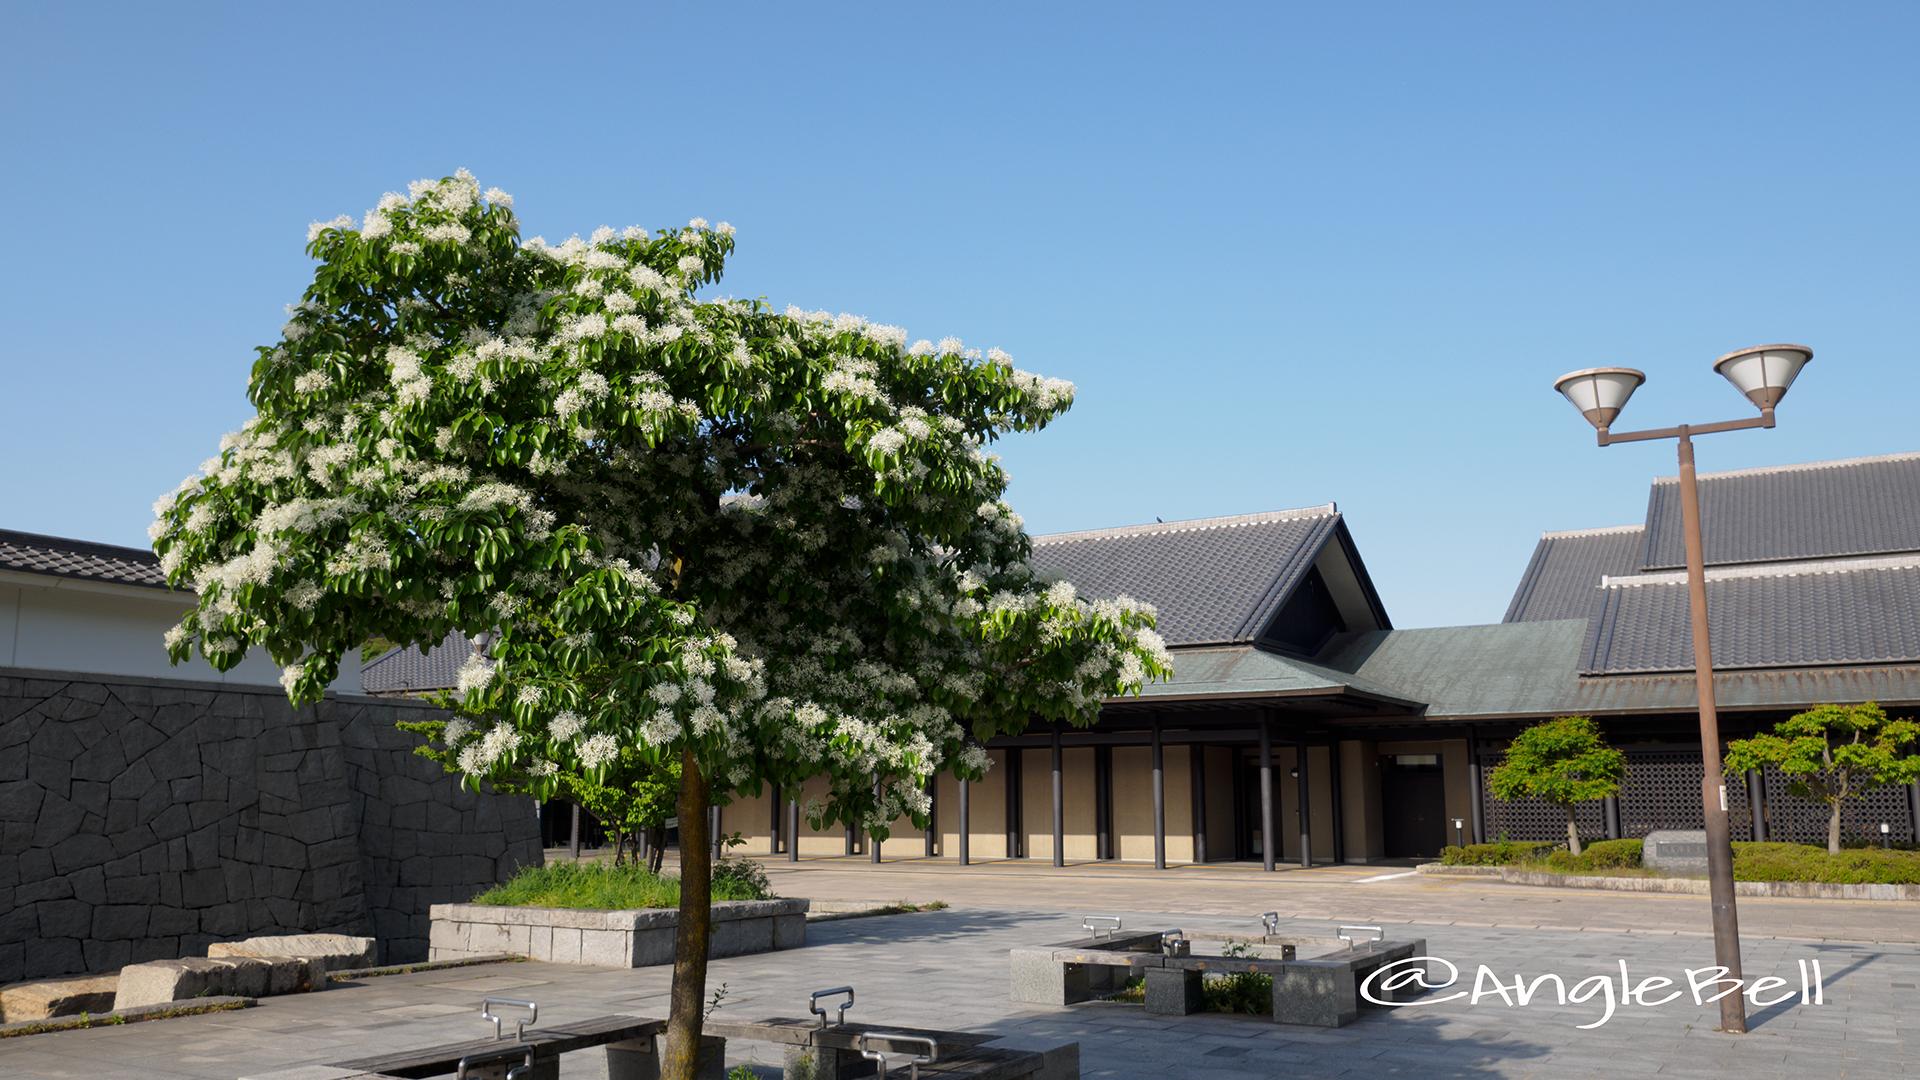 ヒトツバタゴ 一つ葉タゴ Flower Photo3